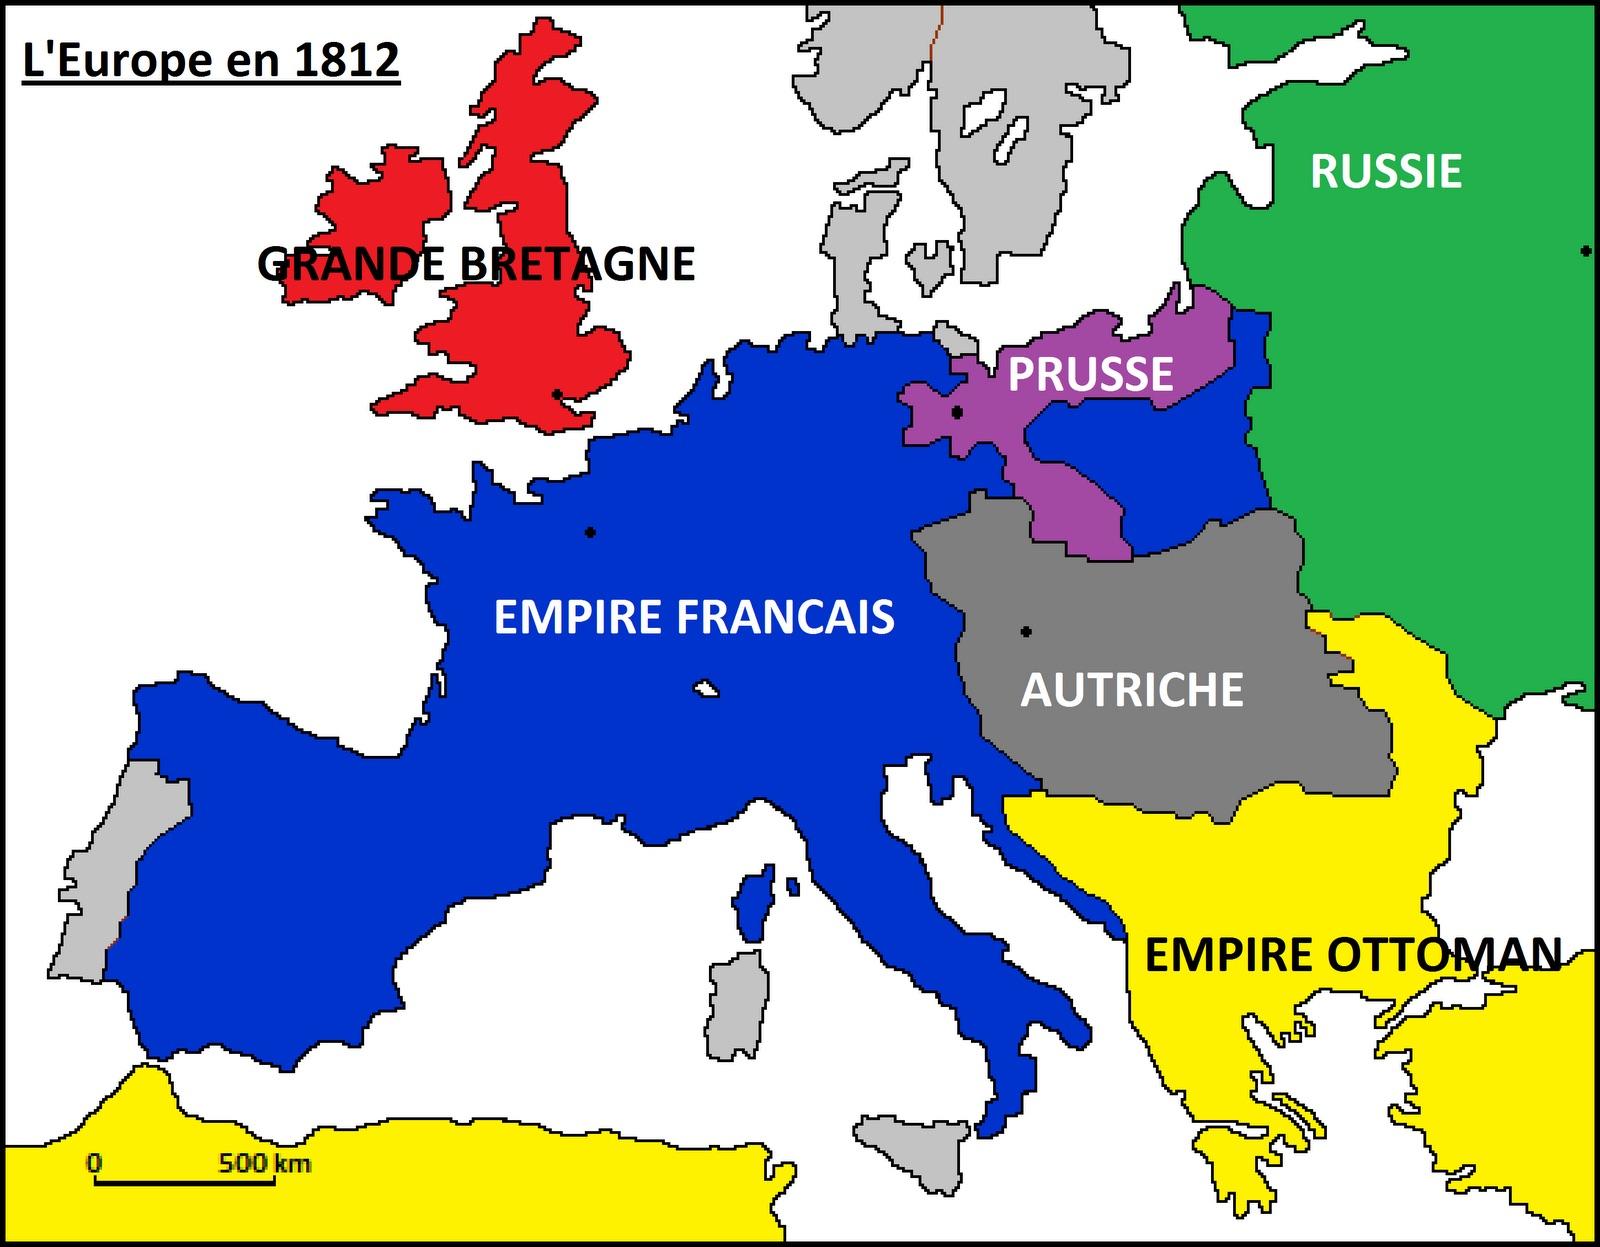 Carte De Leurope Sous Napoleon.La France Est Le Pays Ayant Remportee Le Plus De Victoires